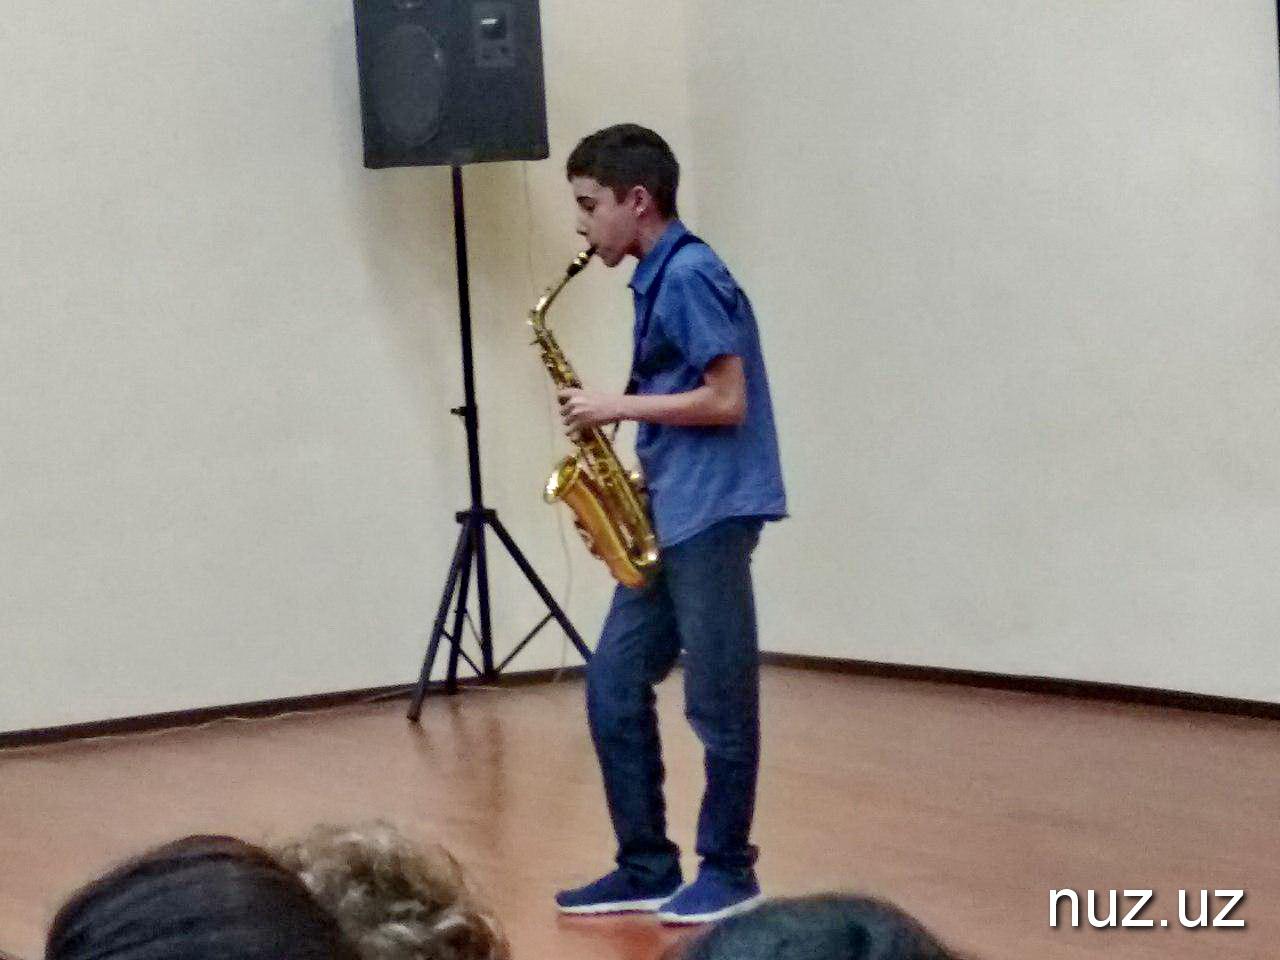 Международный день защиты детей – как его отпраздновали в Ташкенте